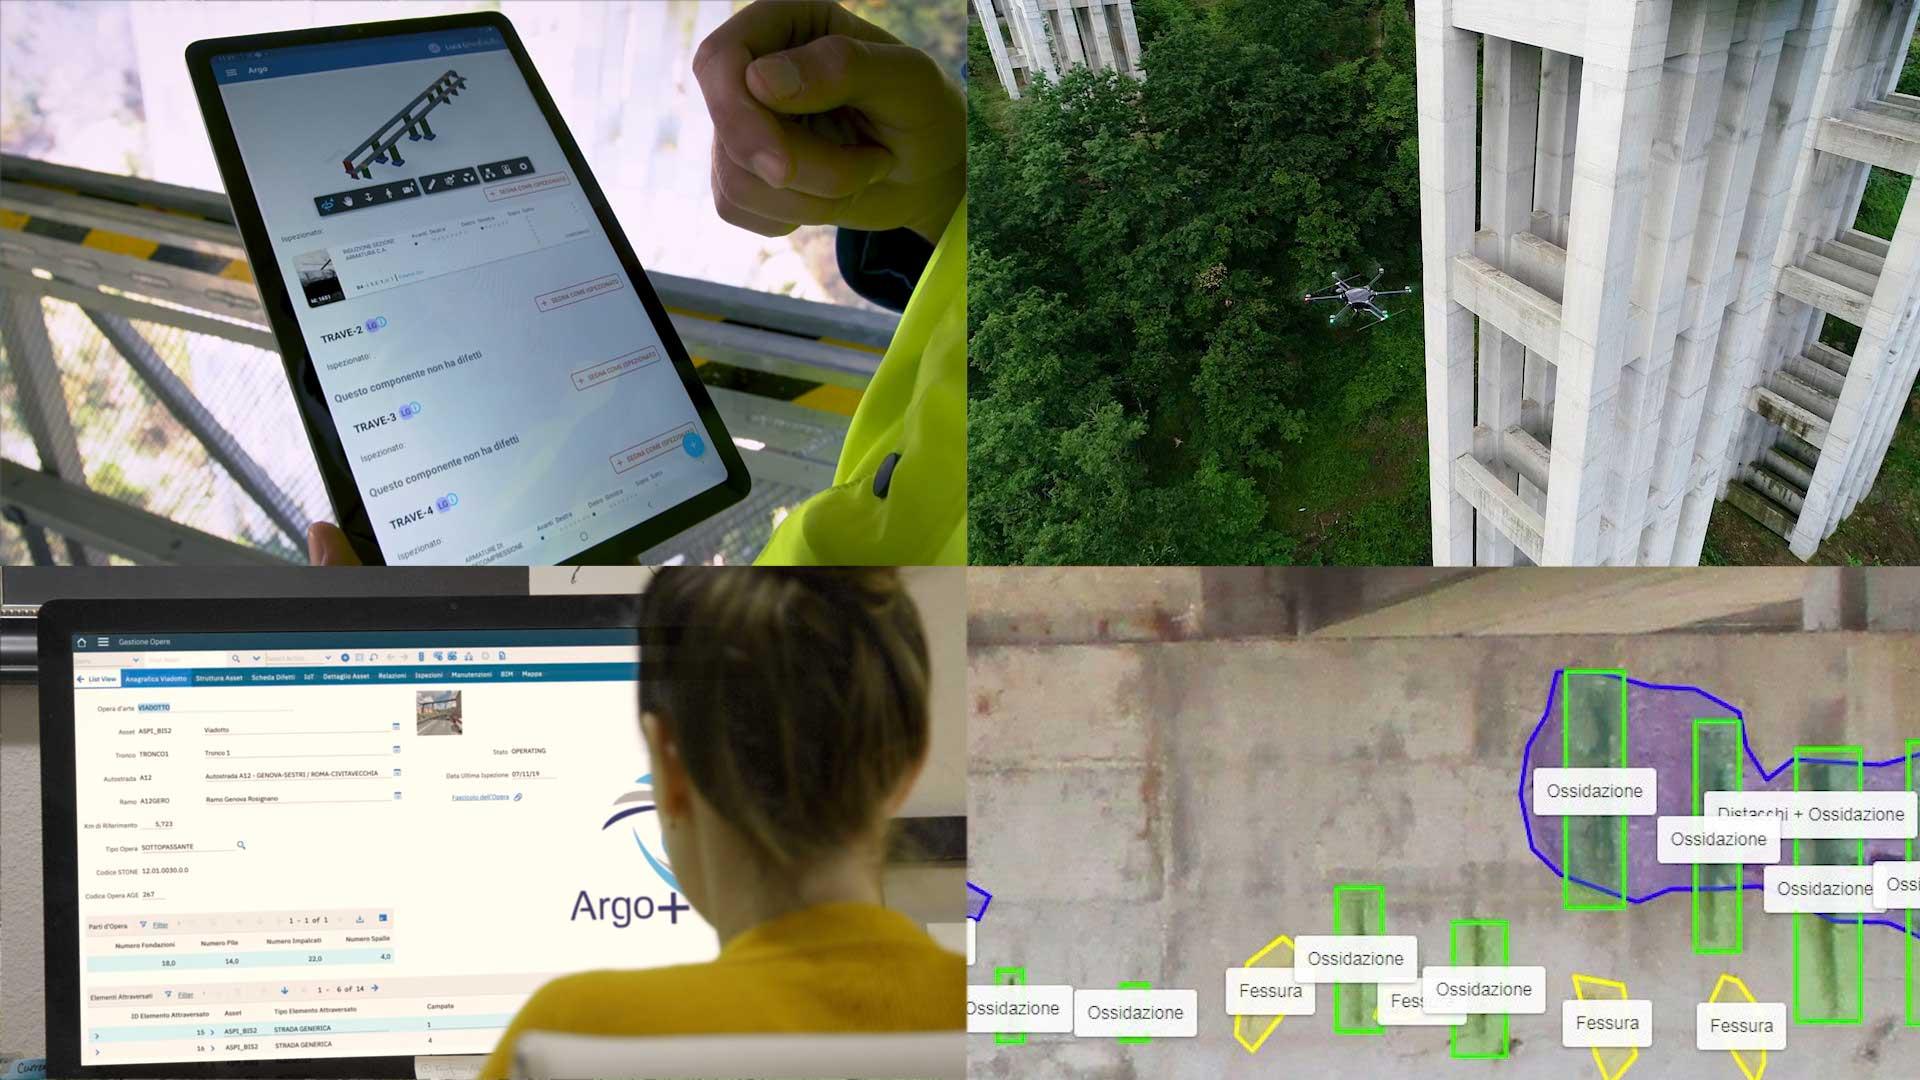 Al via il sistema per il monitoraggio delle infrastrutture di Autostrade per l'Italia basato su AI e IoT